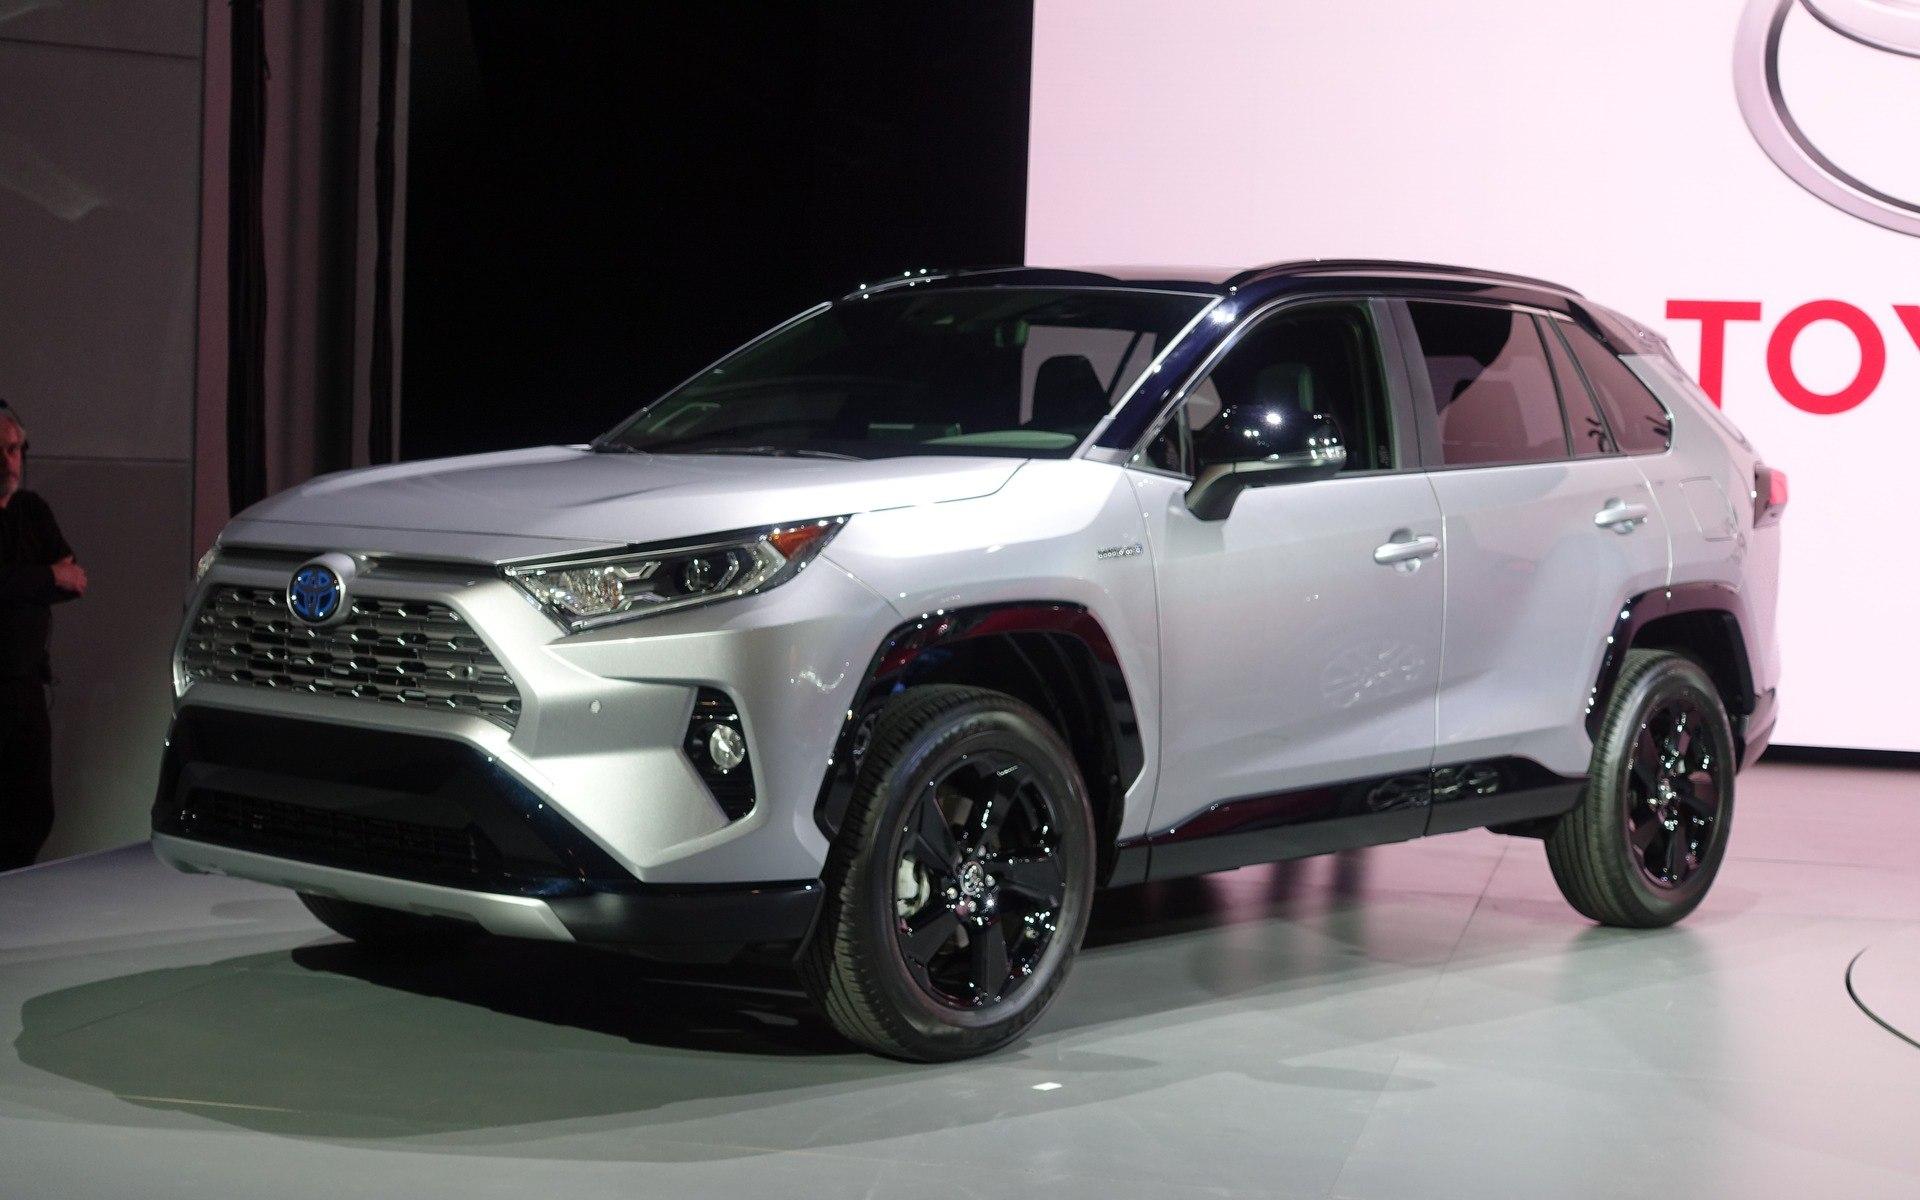 Новые модели Toyota 2019 года: фото и цена авто, когда выйдут новинки в России